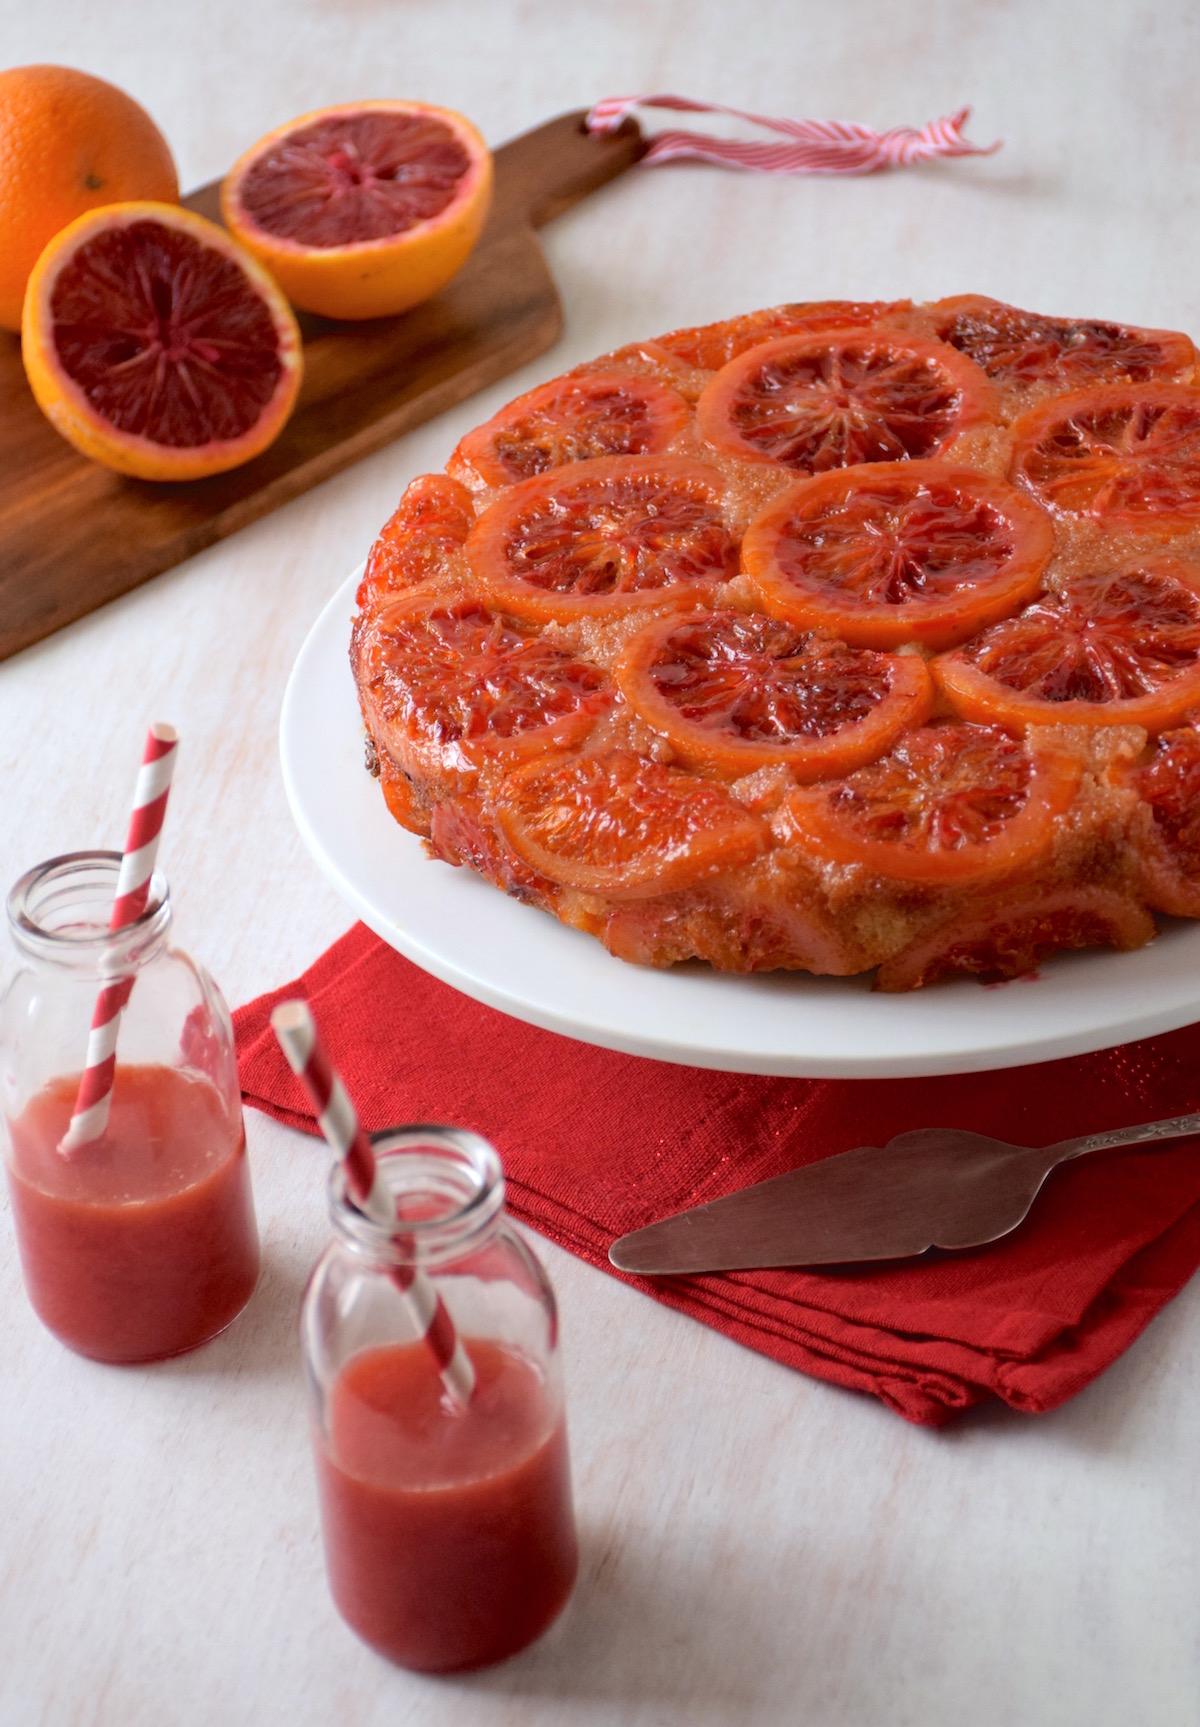 Upside down blood oranges polenta cake